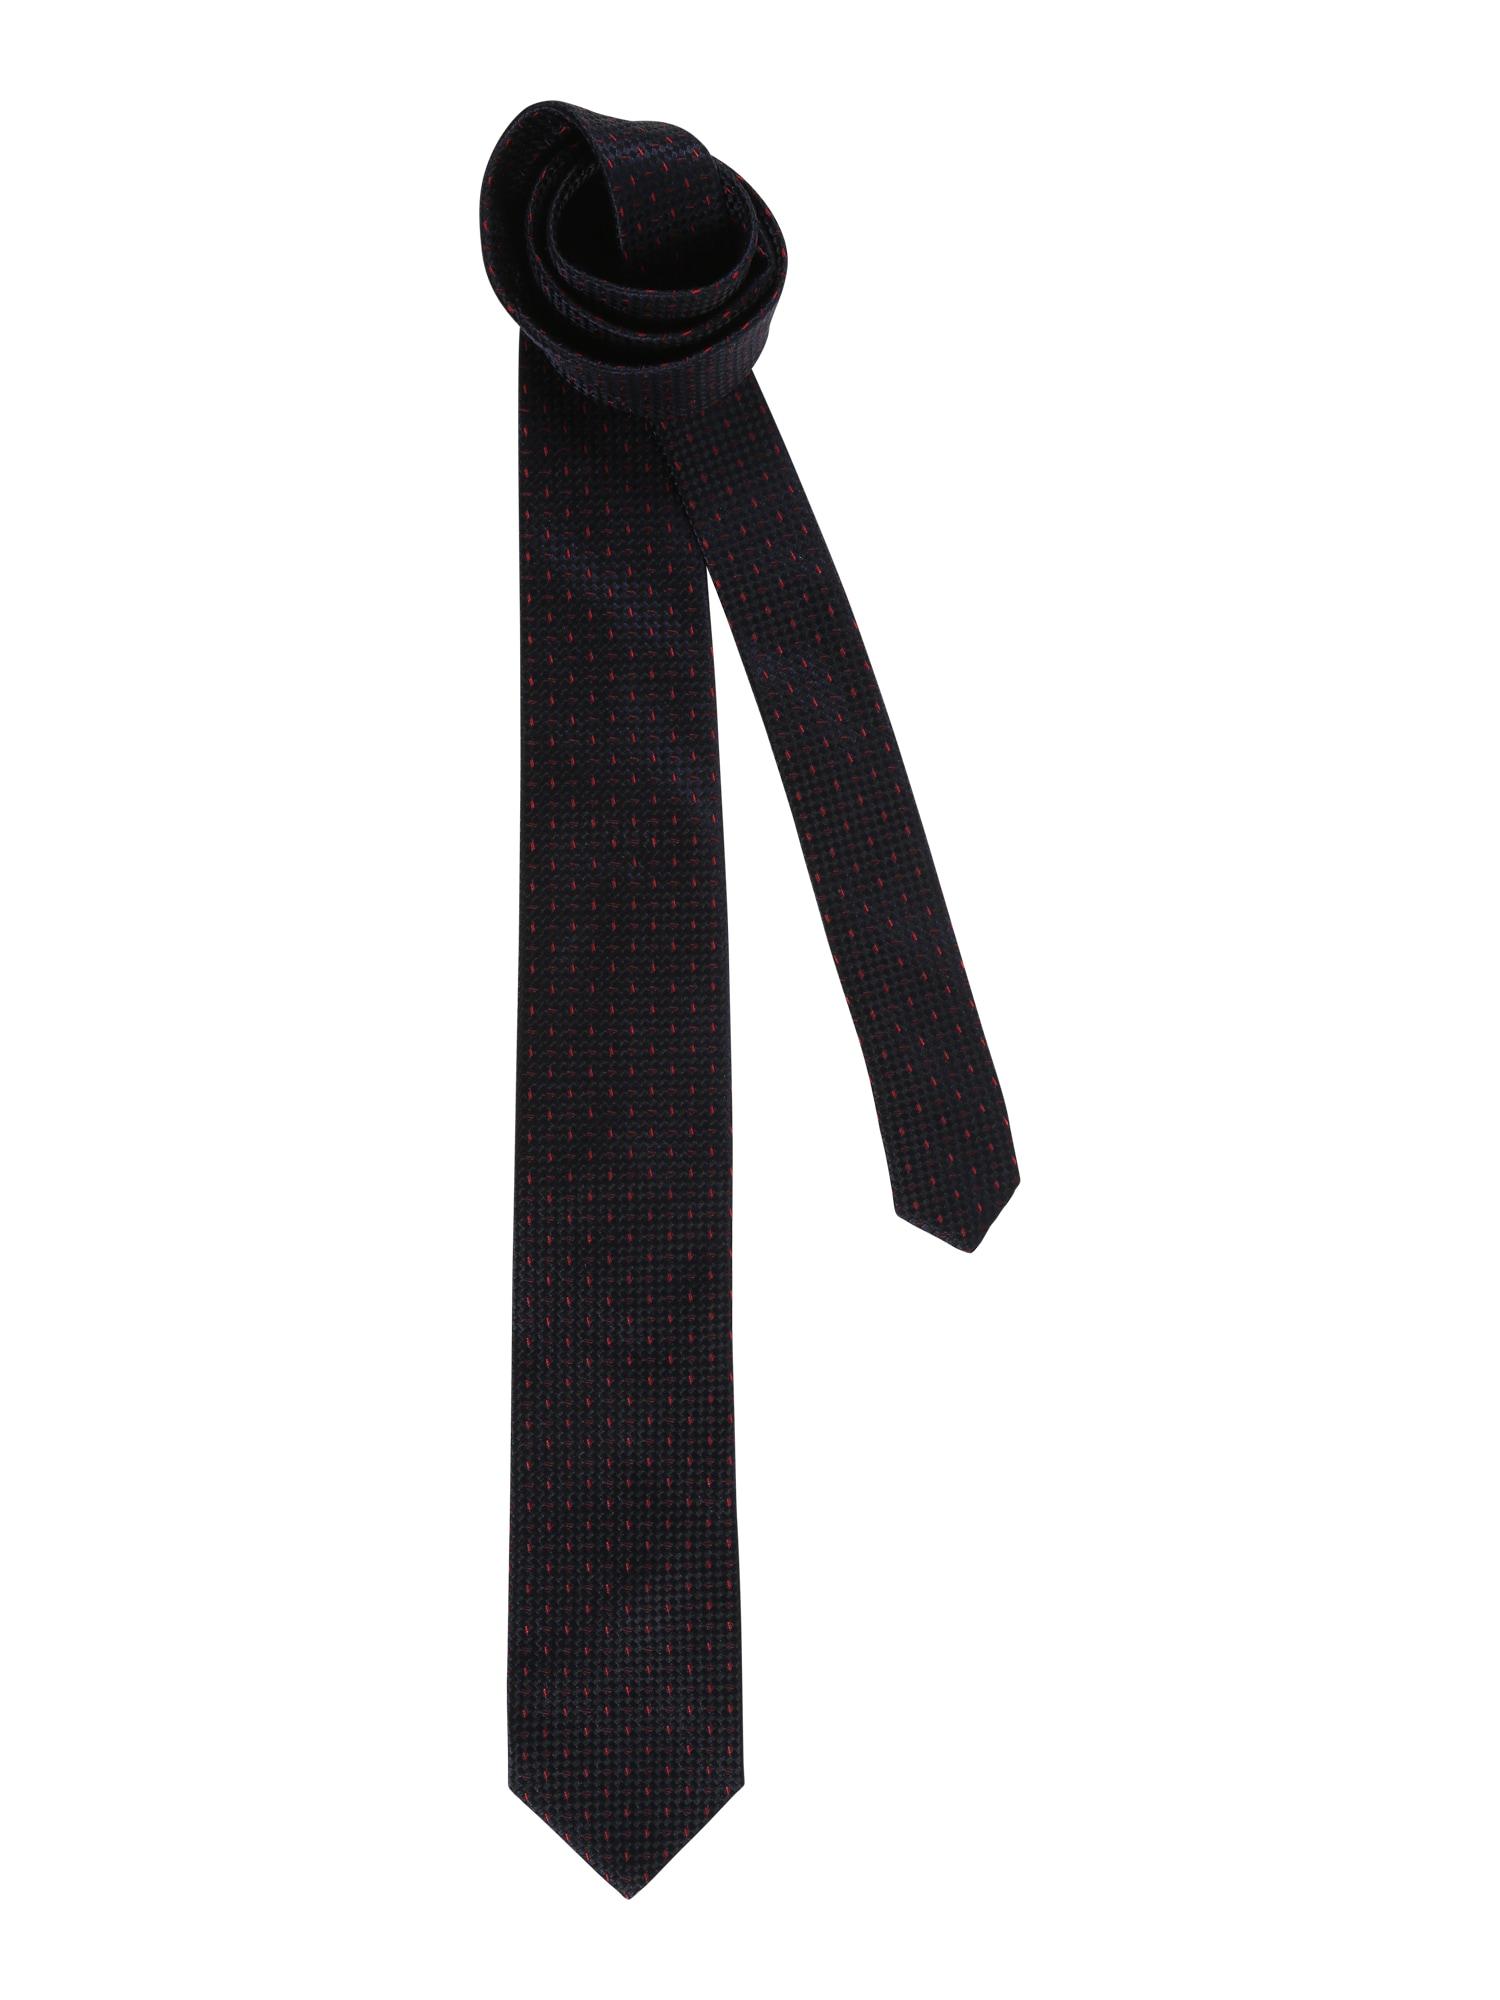 Krawatte '17 JTIE-06Tie_7.0 10008076' | Accessoires > Krawatten | Joop!